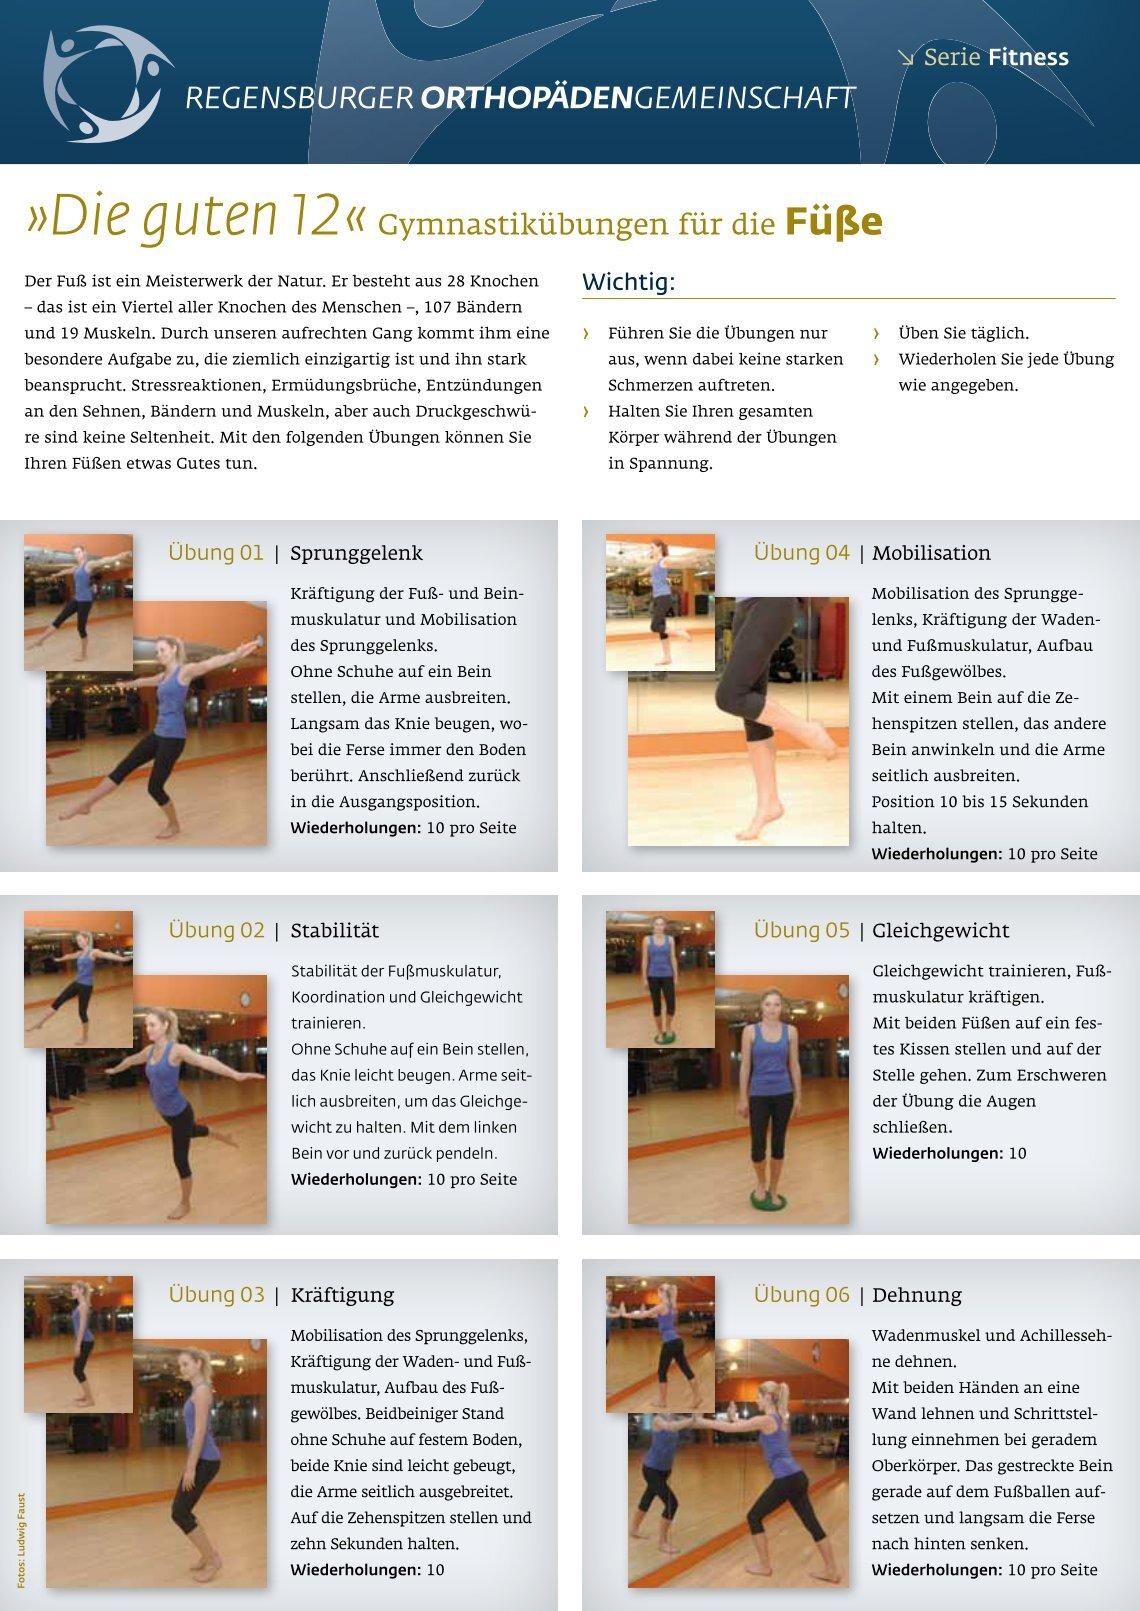 Berühmt Anatomie Der Fußmuskulatur Bilder - Menschliche Anatomie ...